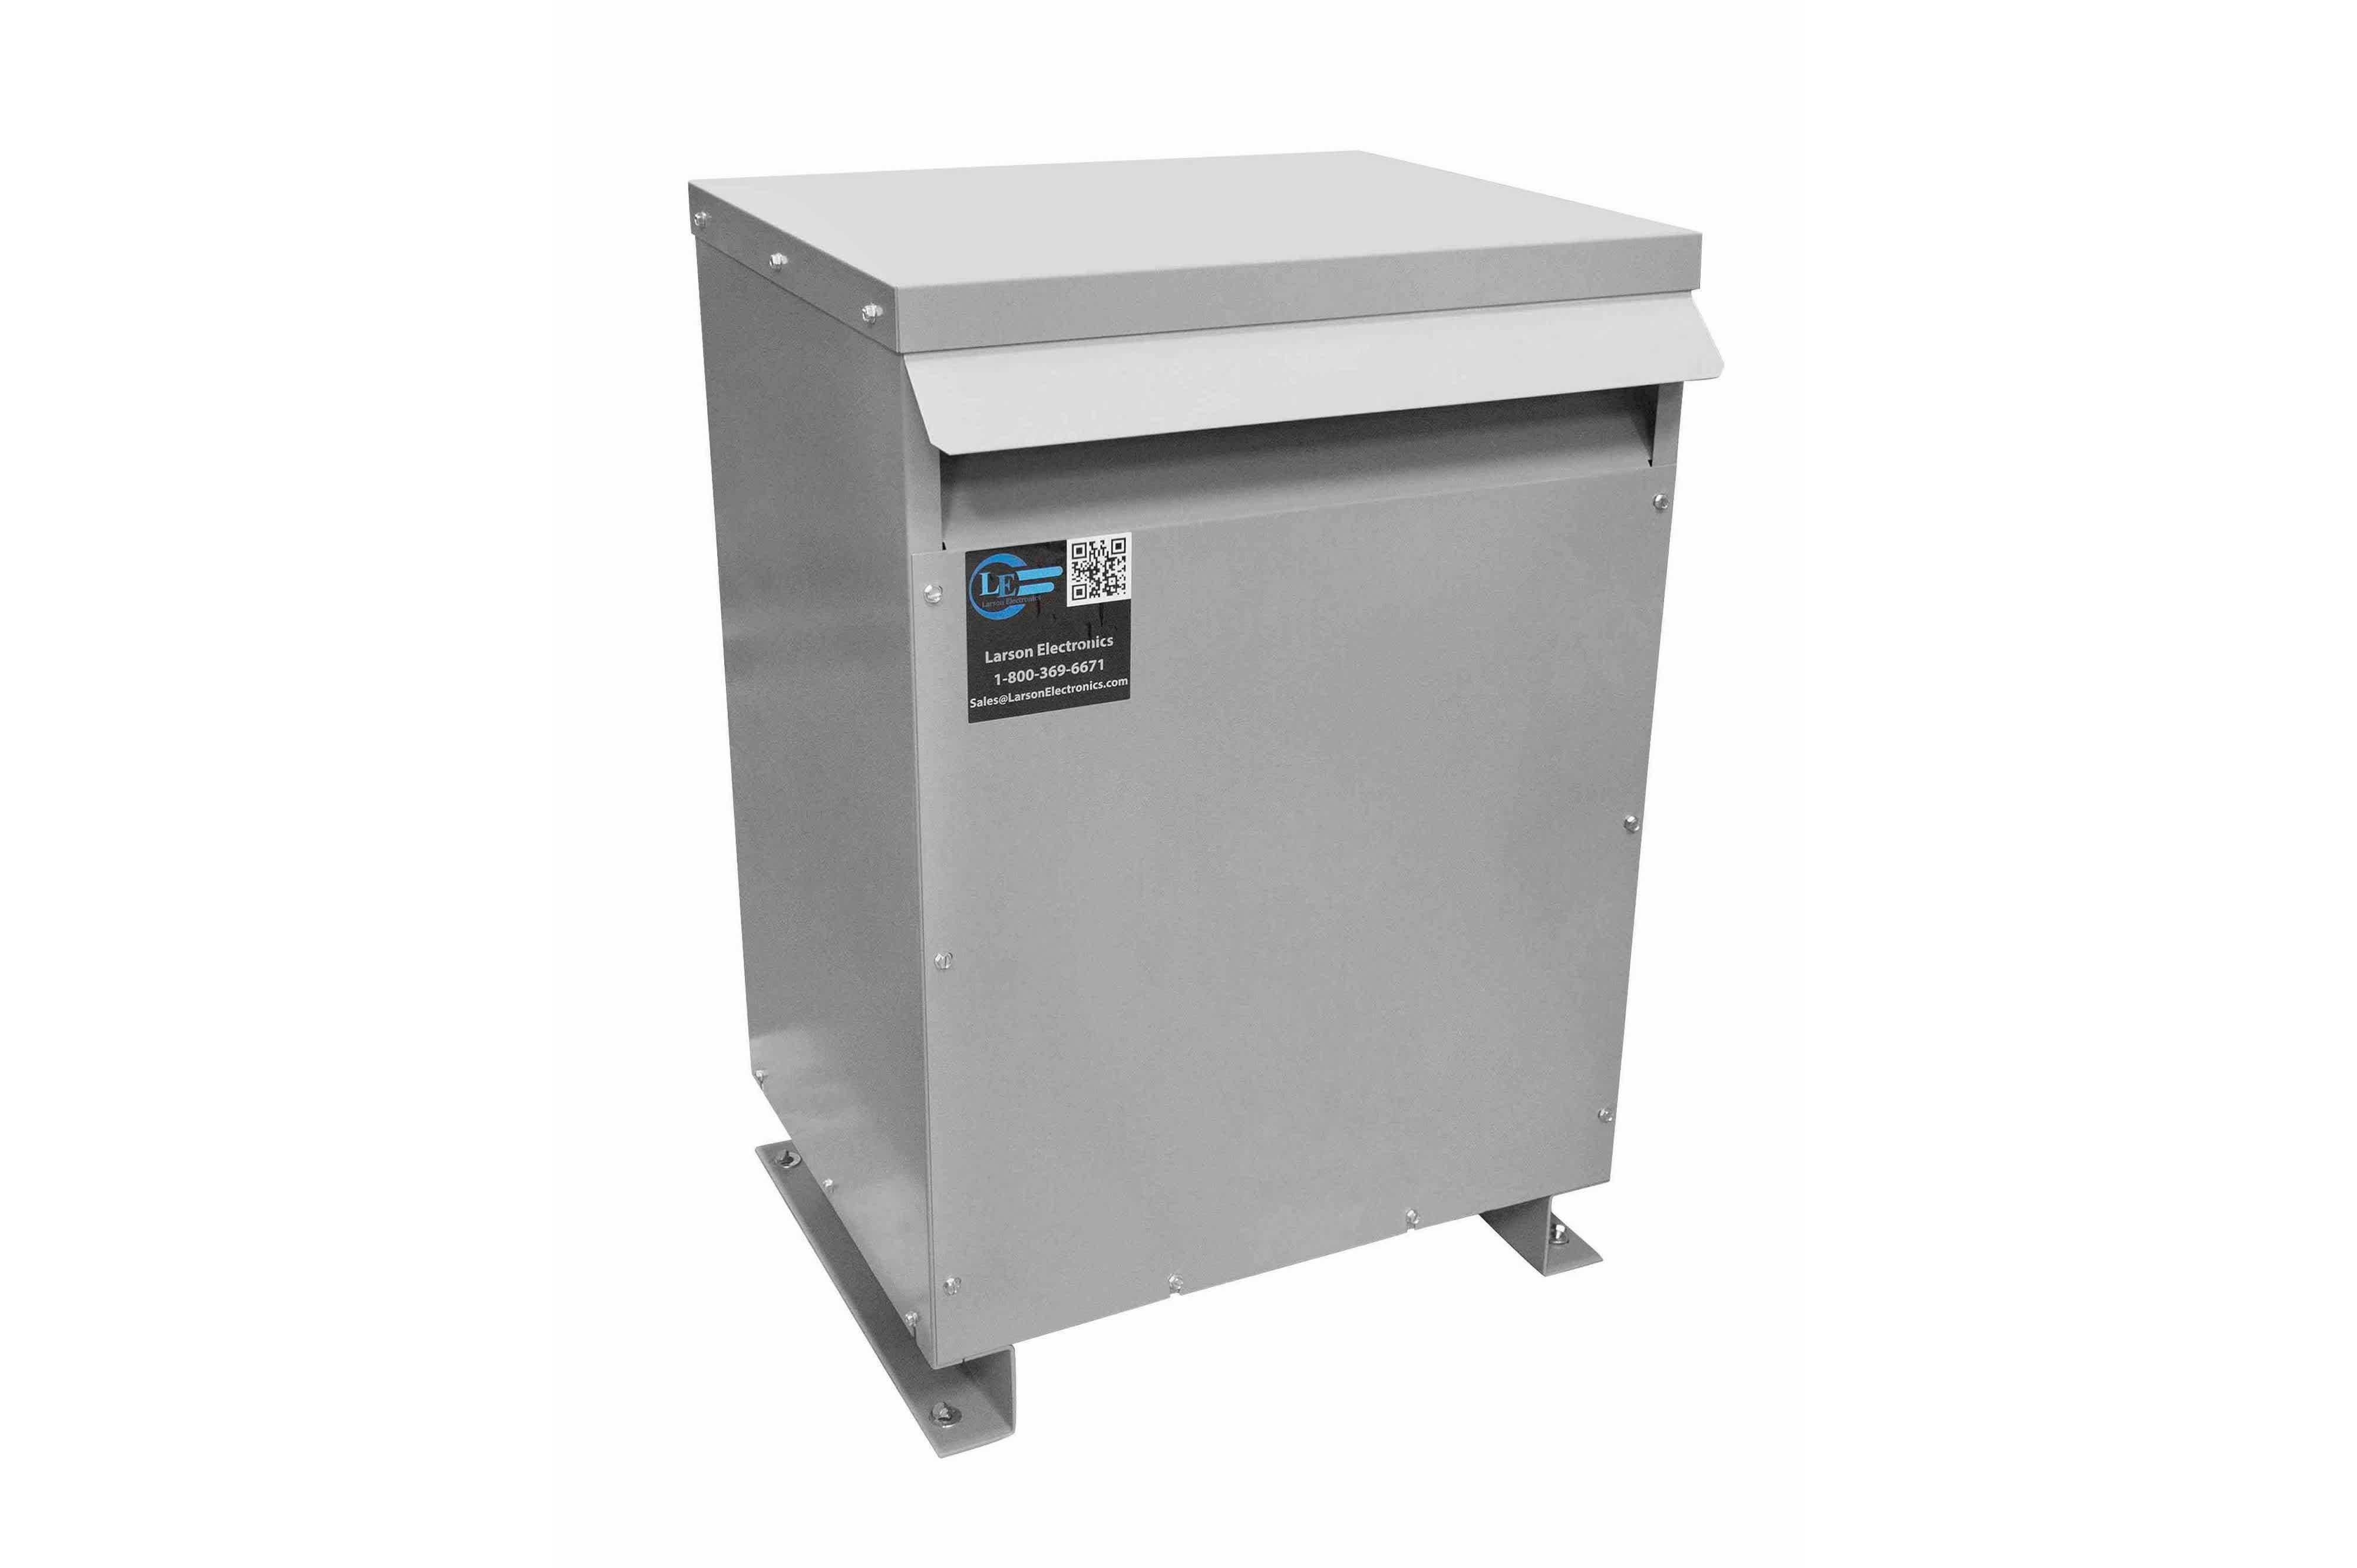 14 kVA 3PH Isolation Transformer, 415V Delta Primary, 480V Delta Secondary, N3R, Ventilated, 60 Hz